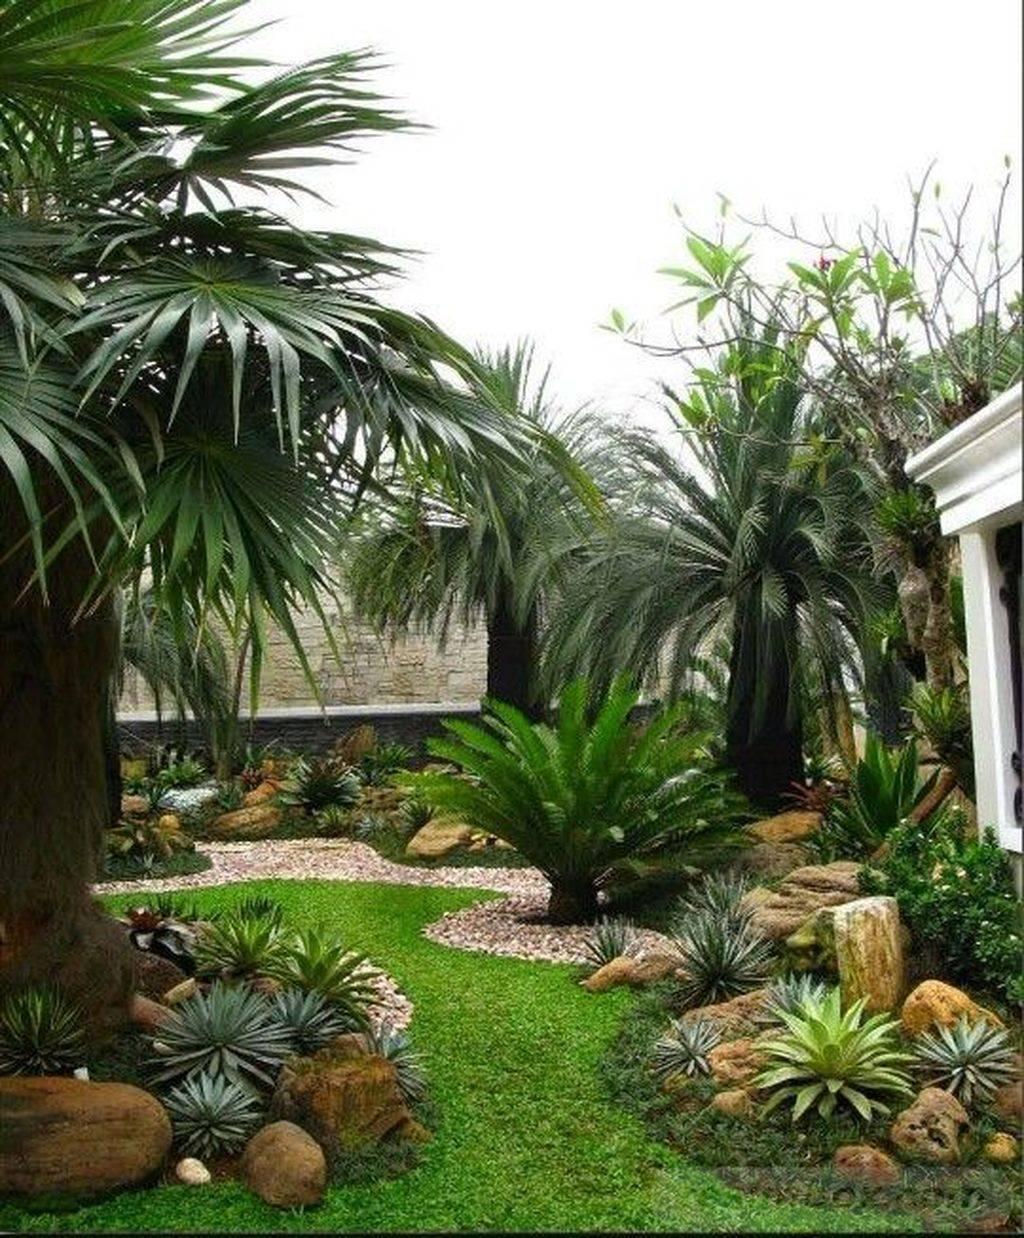 tropical garden ideas-583779170428134730